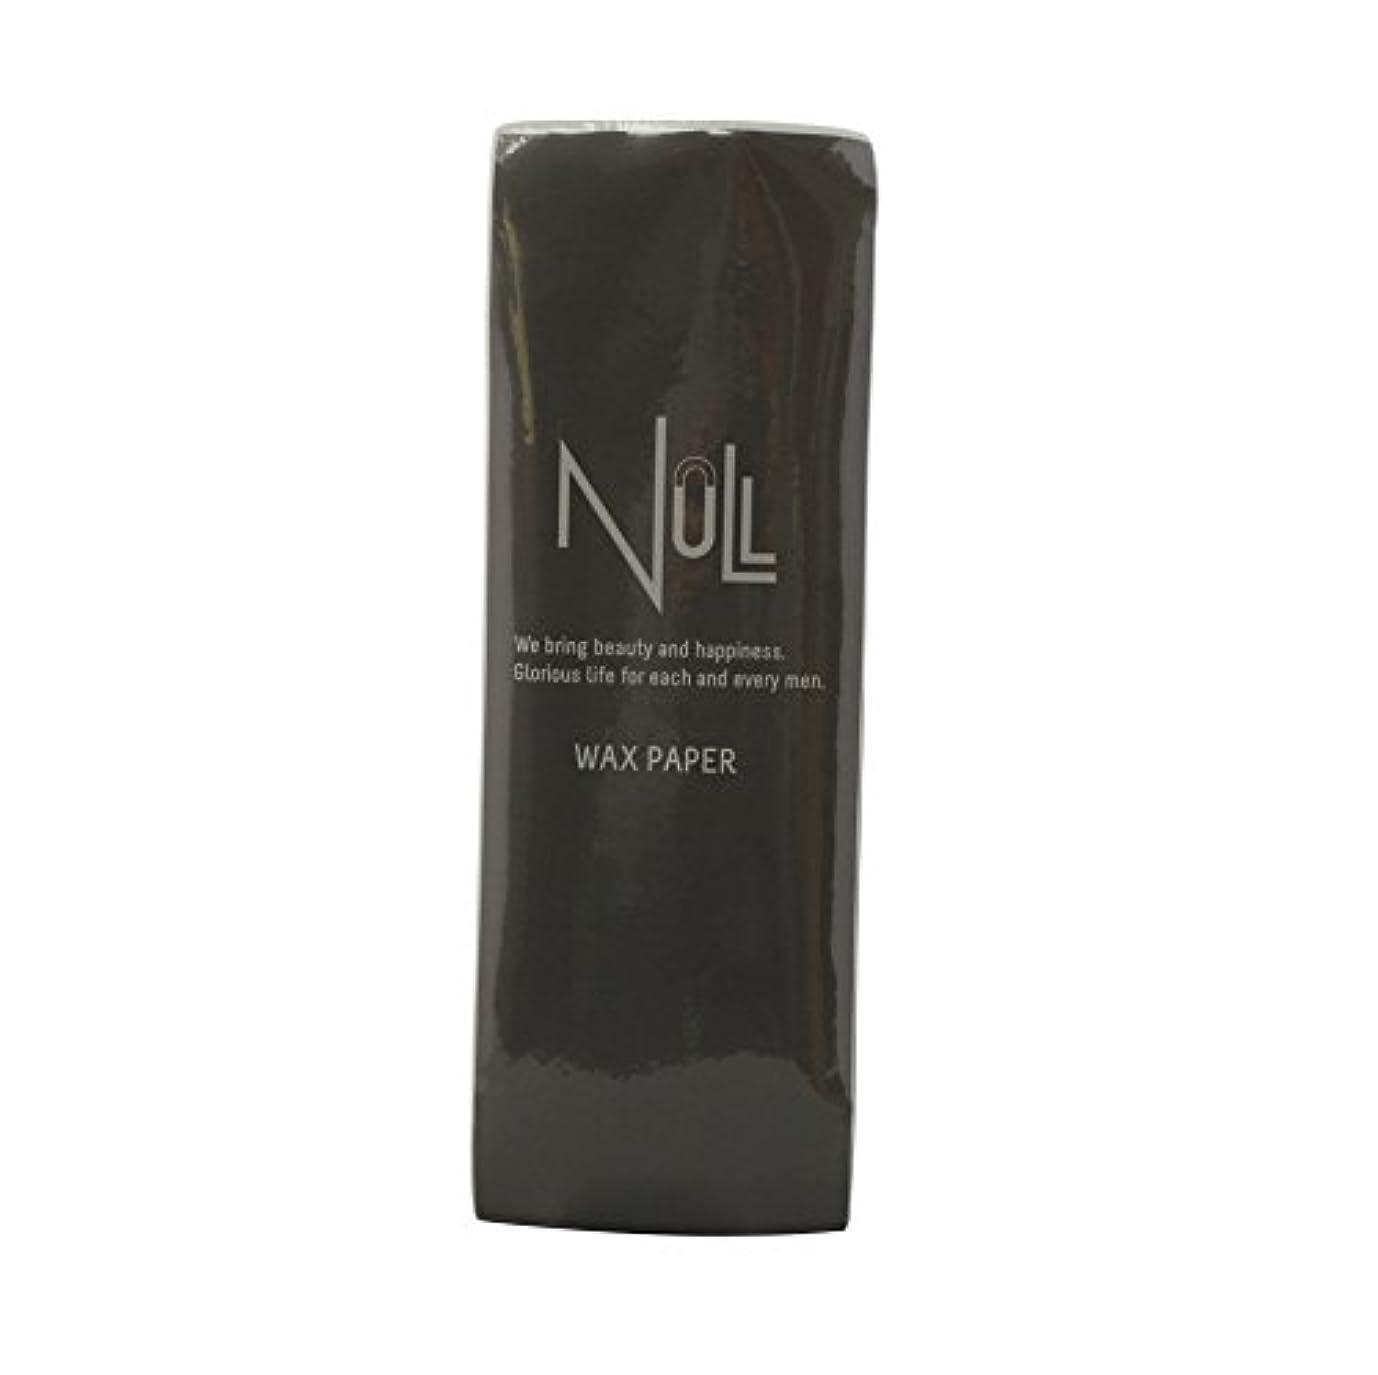 報酬の市区町村冊子NULL ブラジリアンワックス用ペーパー 100枚入り 70mm幅 ワックス脱毛 専用